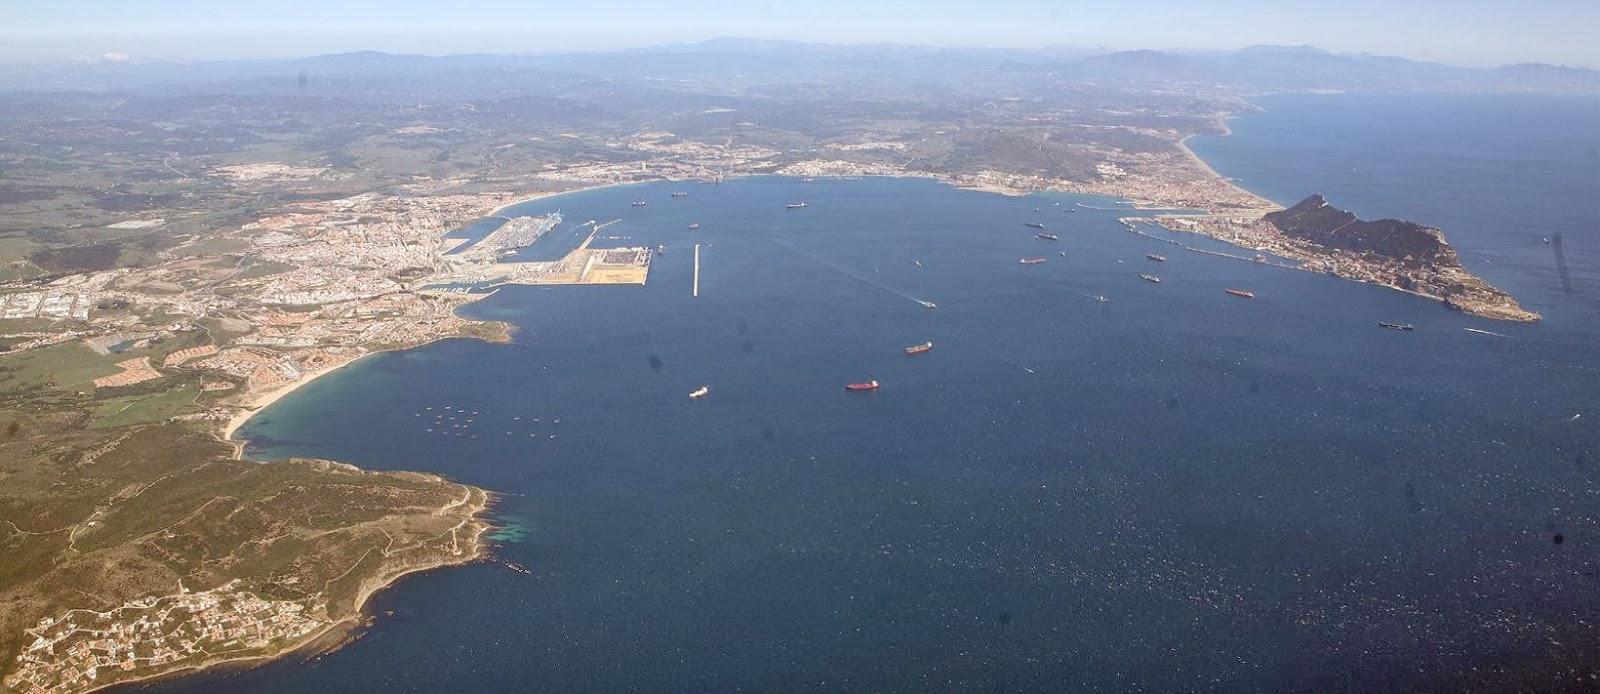 Marport activities puerto de algeciras - Puerto de algeciras hoy ...